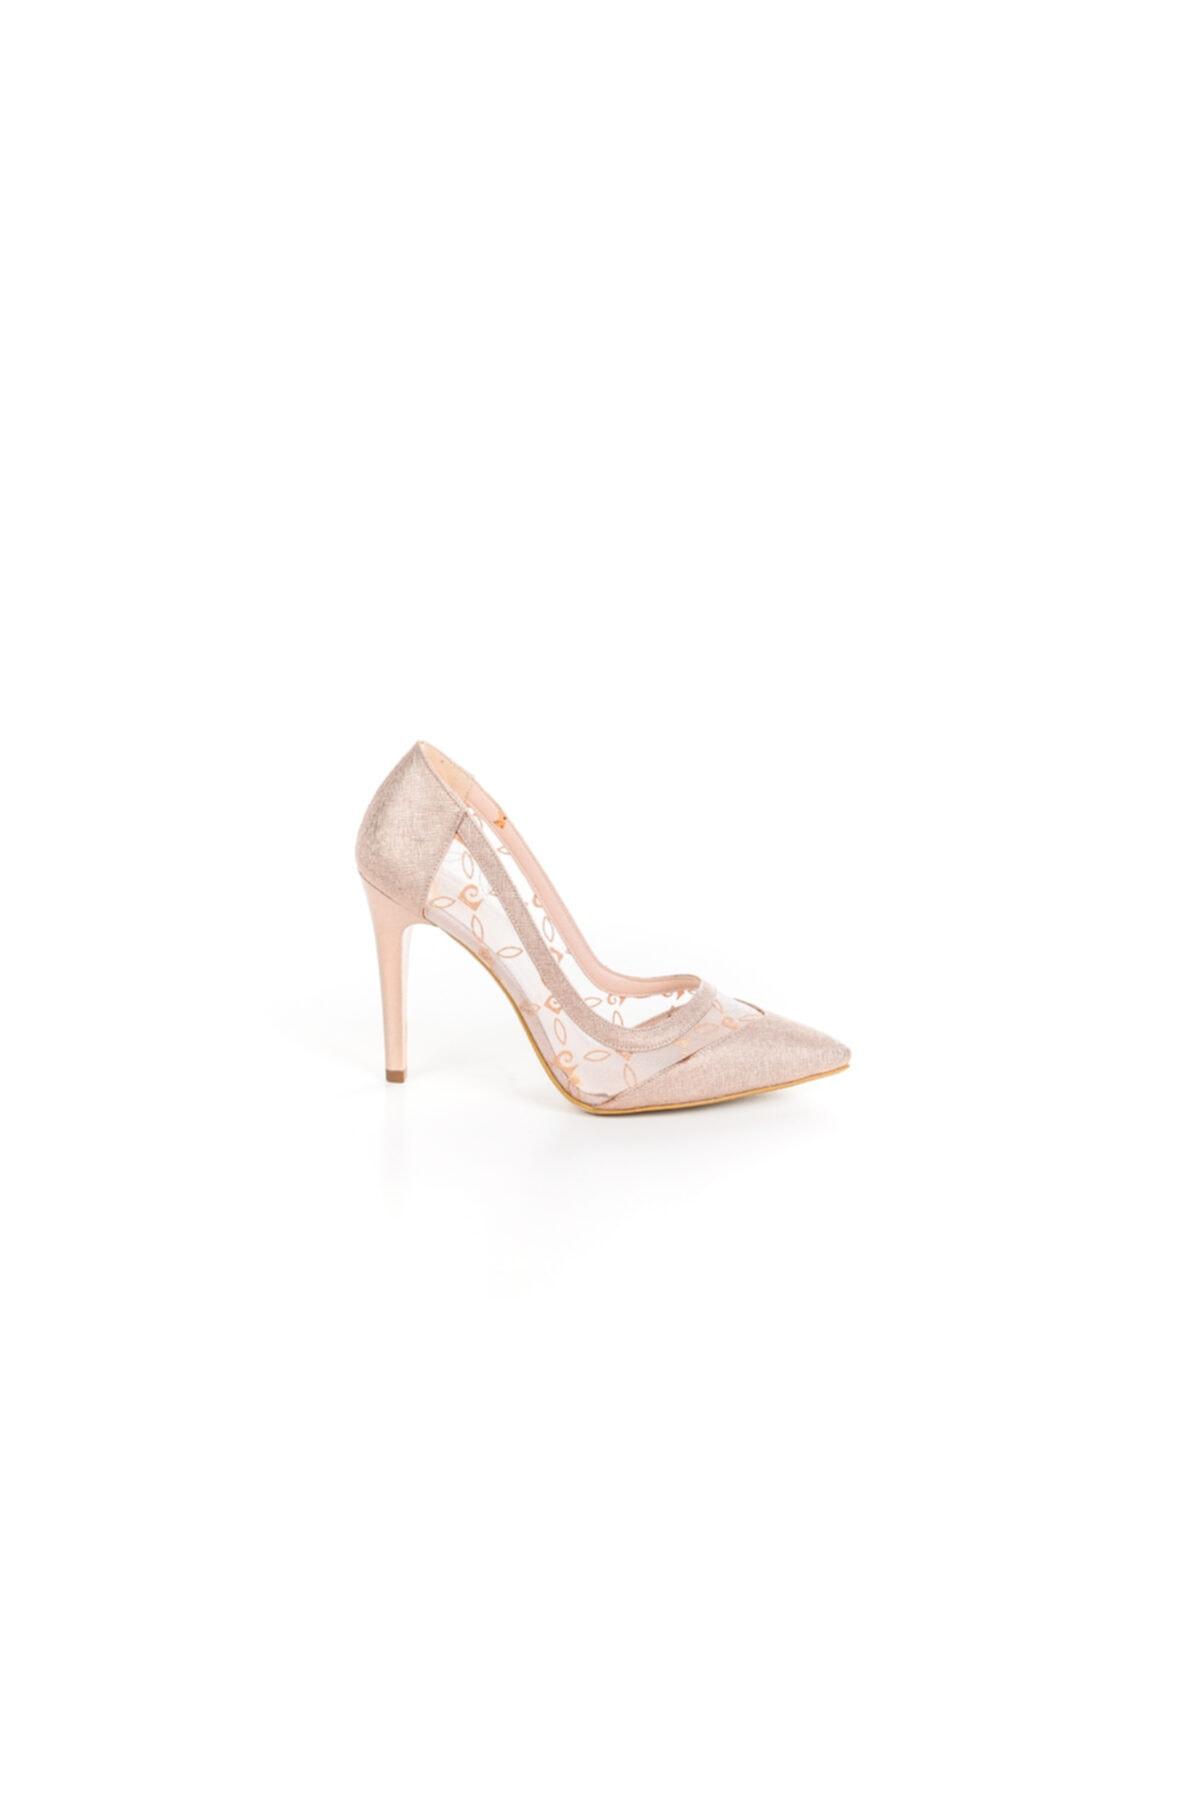 Pierre Cardin Kadın Transparan Stiletto Ayakkabı 2